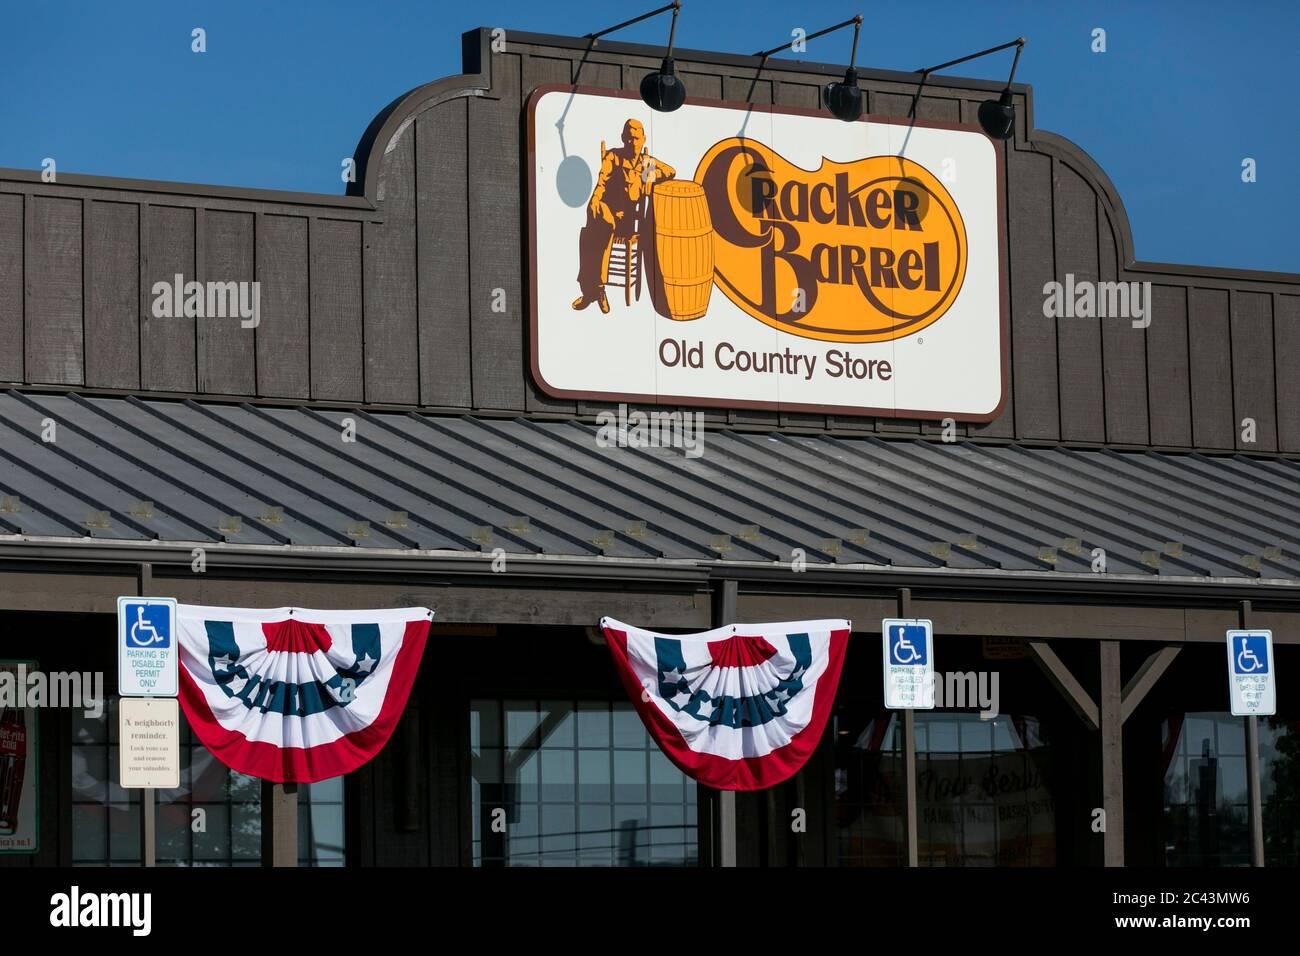 Un logo à l'extérieur d'un restaurant Cracker Barrel Old Country Store à Hagerstown, Maryland, le 10 juin 2020. Banque D'Images